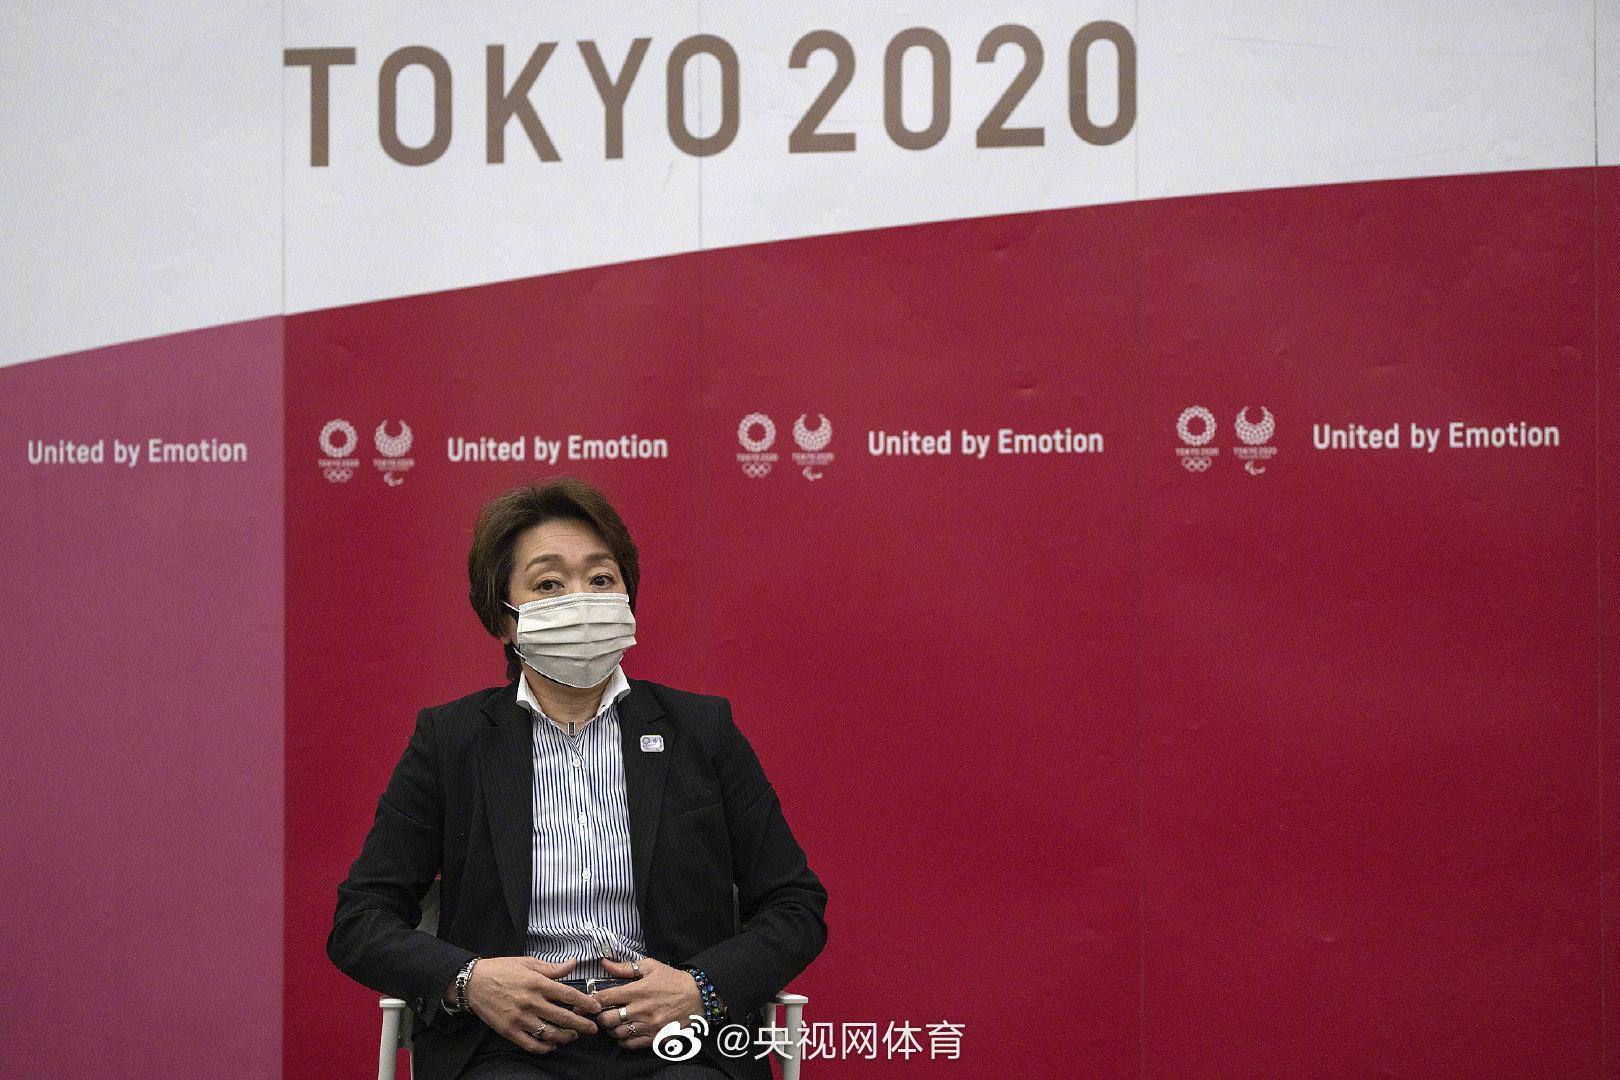 东京奥组委:将尽力帮助印度等国运动员入境 但决定权在日本政府